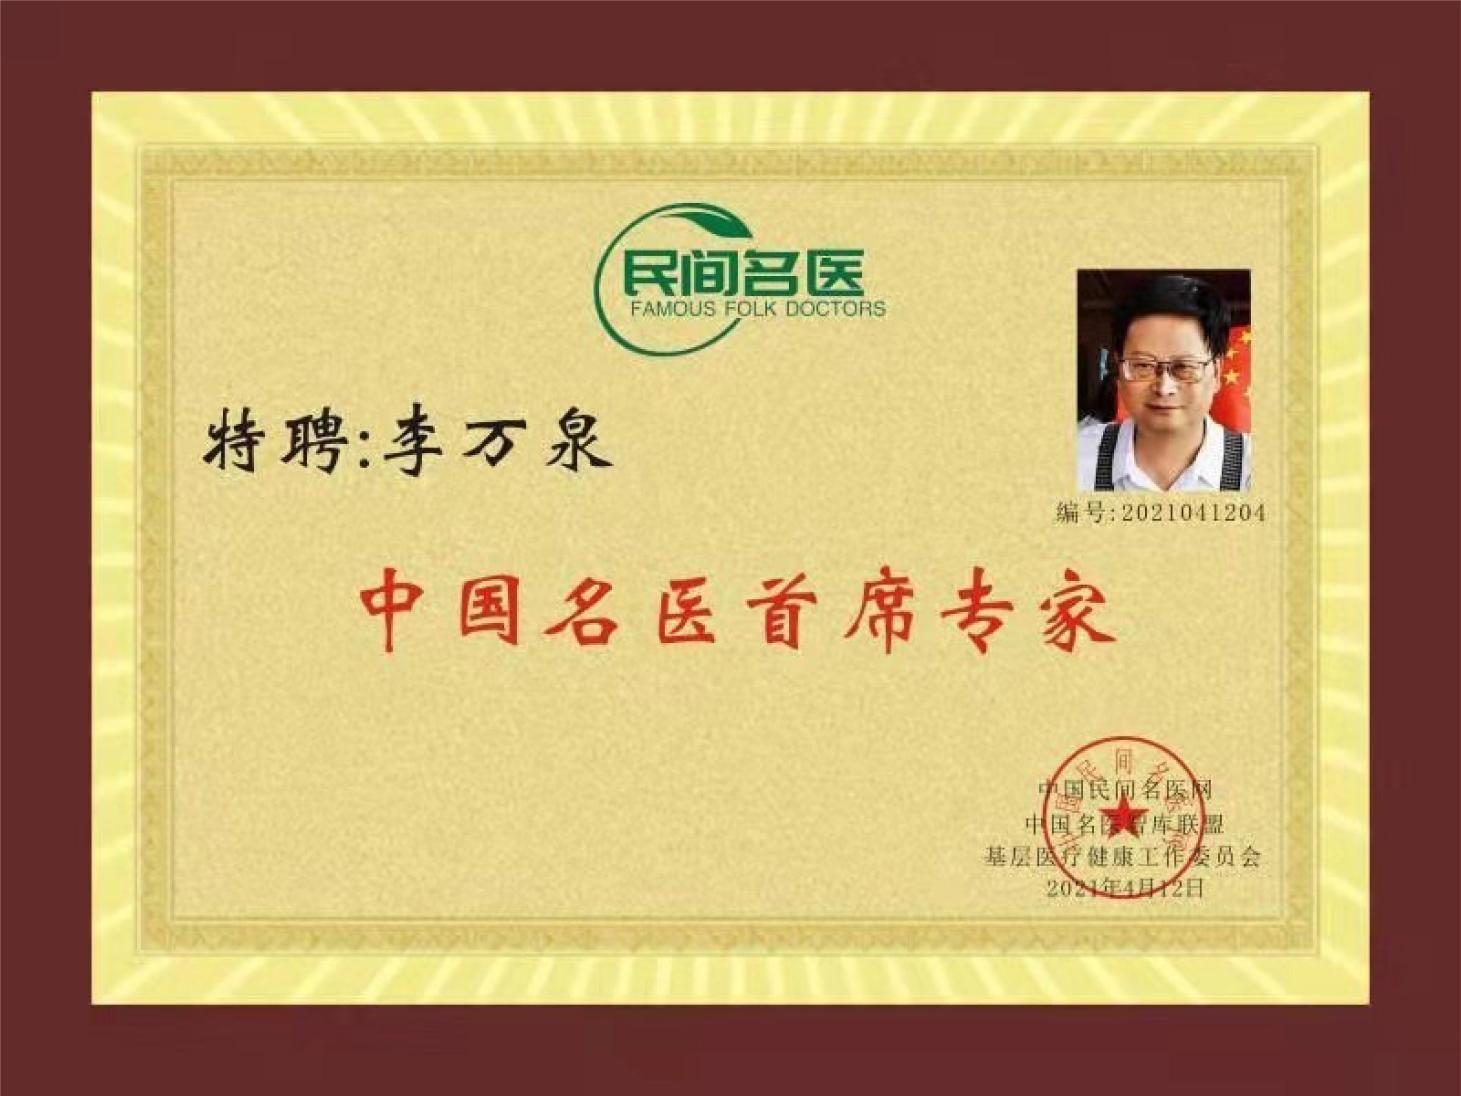 我国长期坚持自费科研并已取得重大成果的 中西医临床专家——李万泉